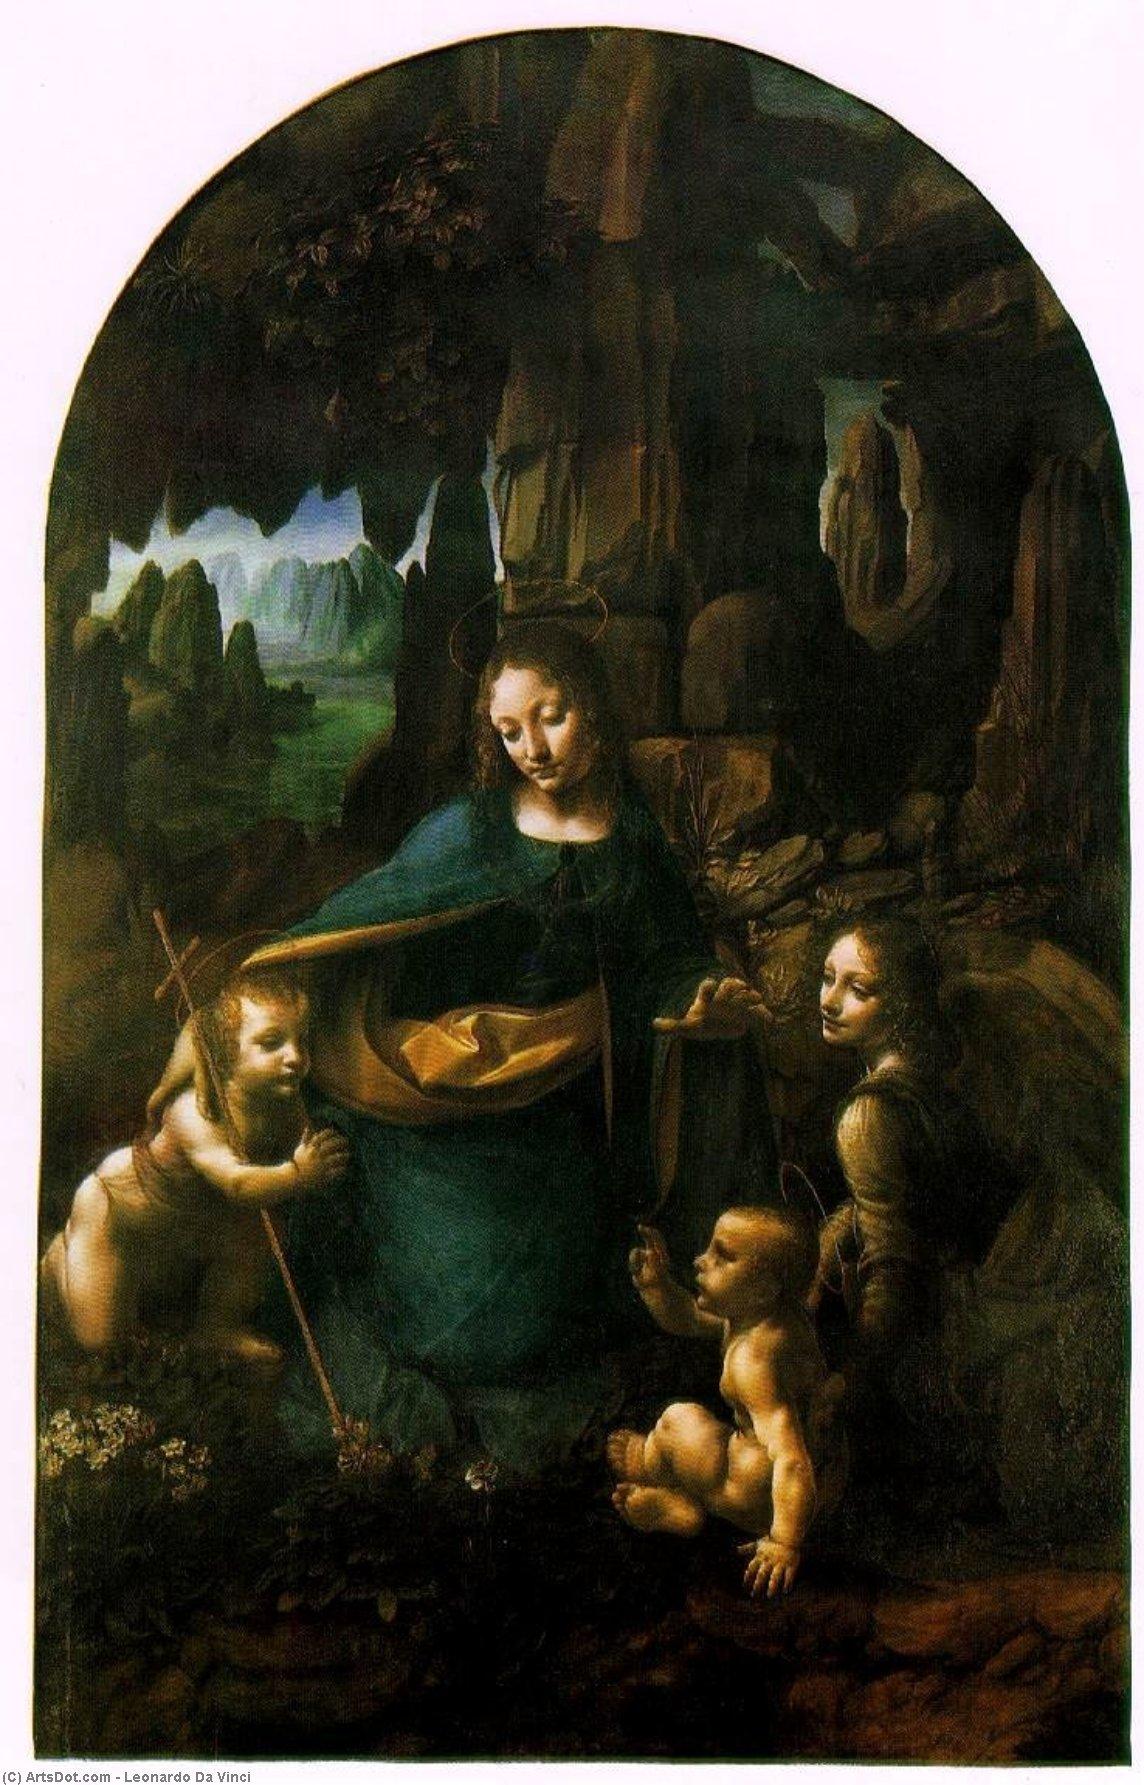 WikiOO.org - Güzel Sanatlar Ansiklopedisi - Resim, Resimler Leonardo Da Vinci - Virgin of the Rocks - London